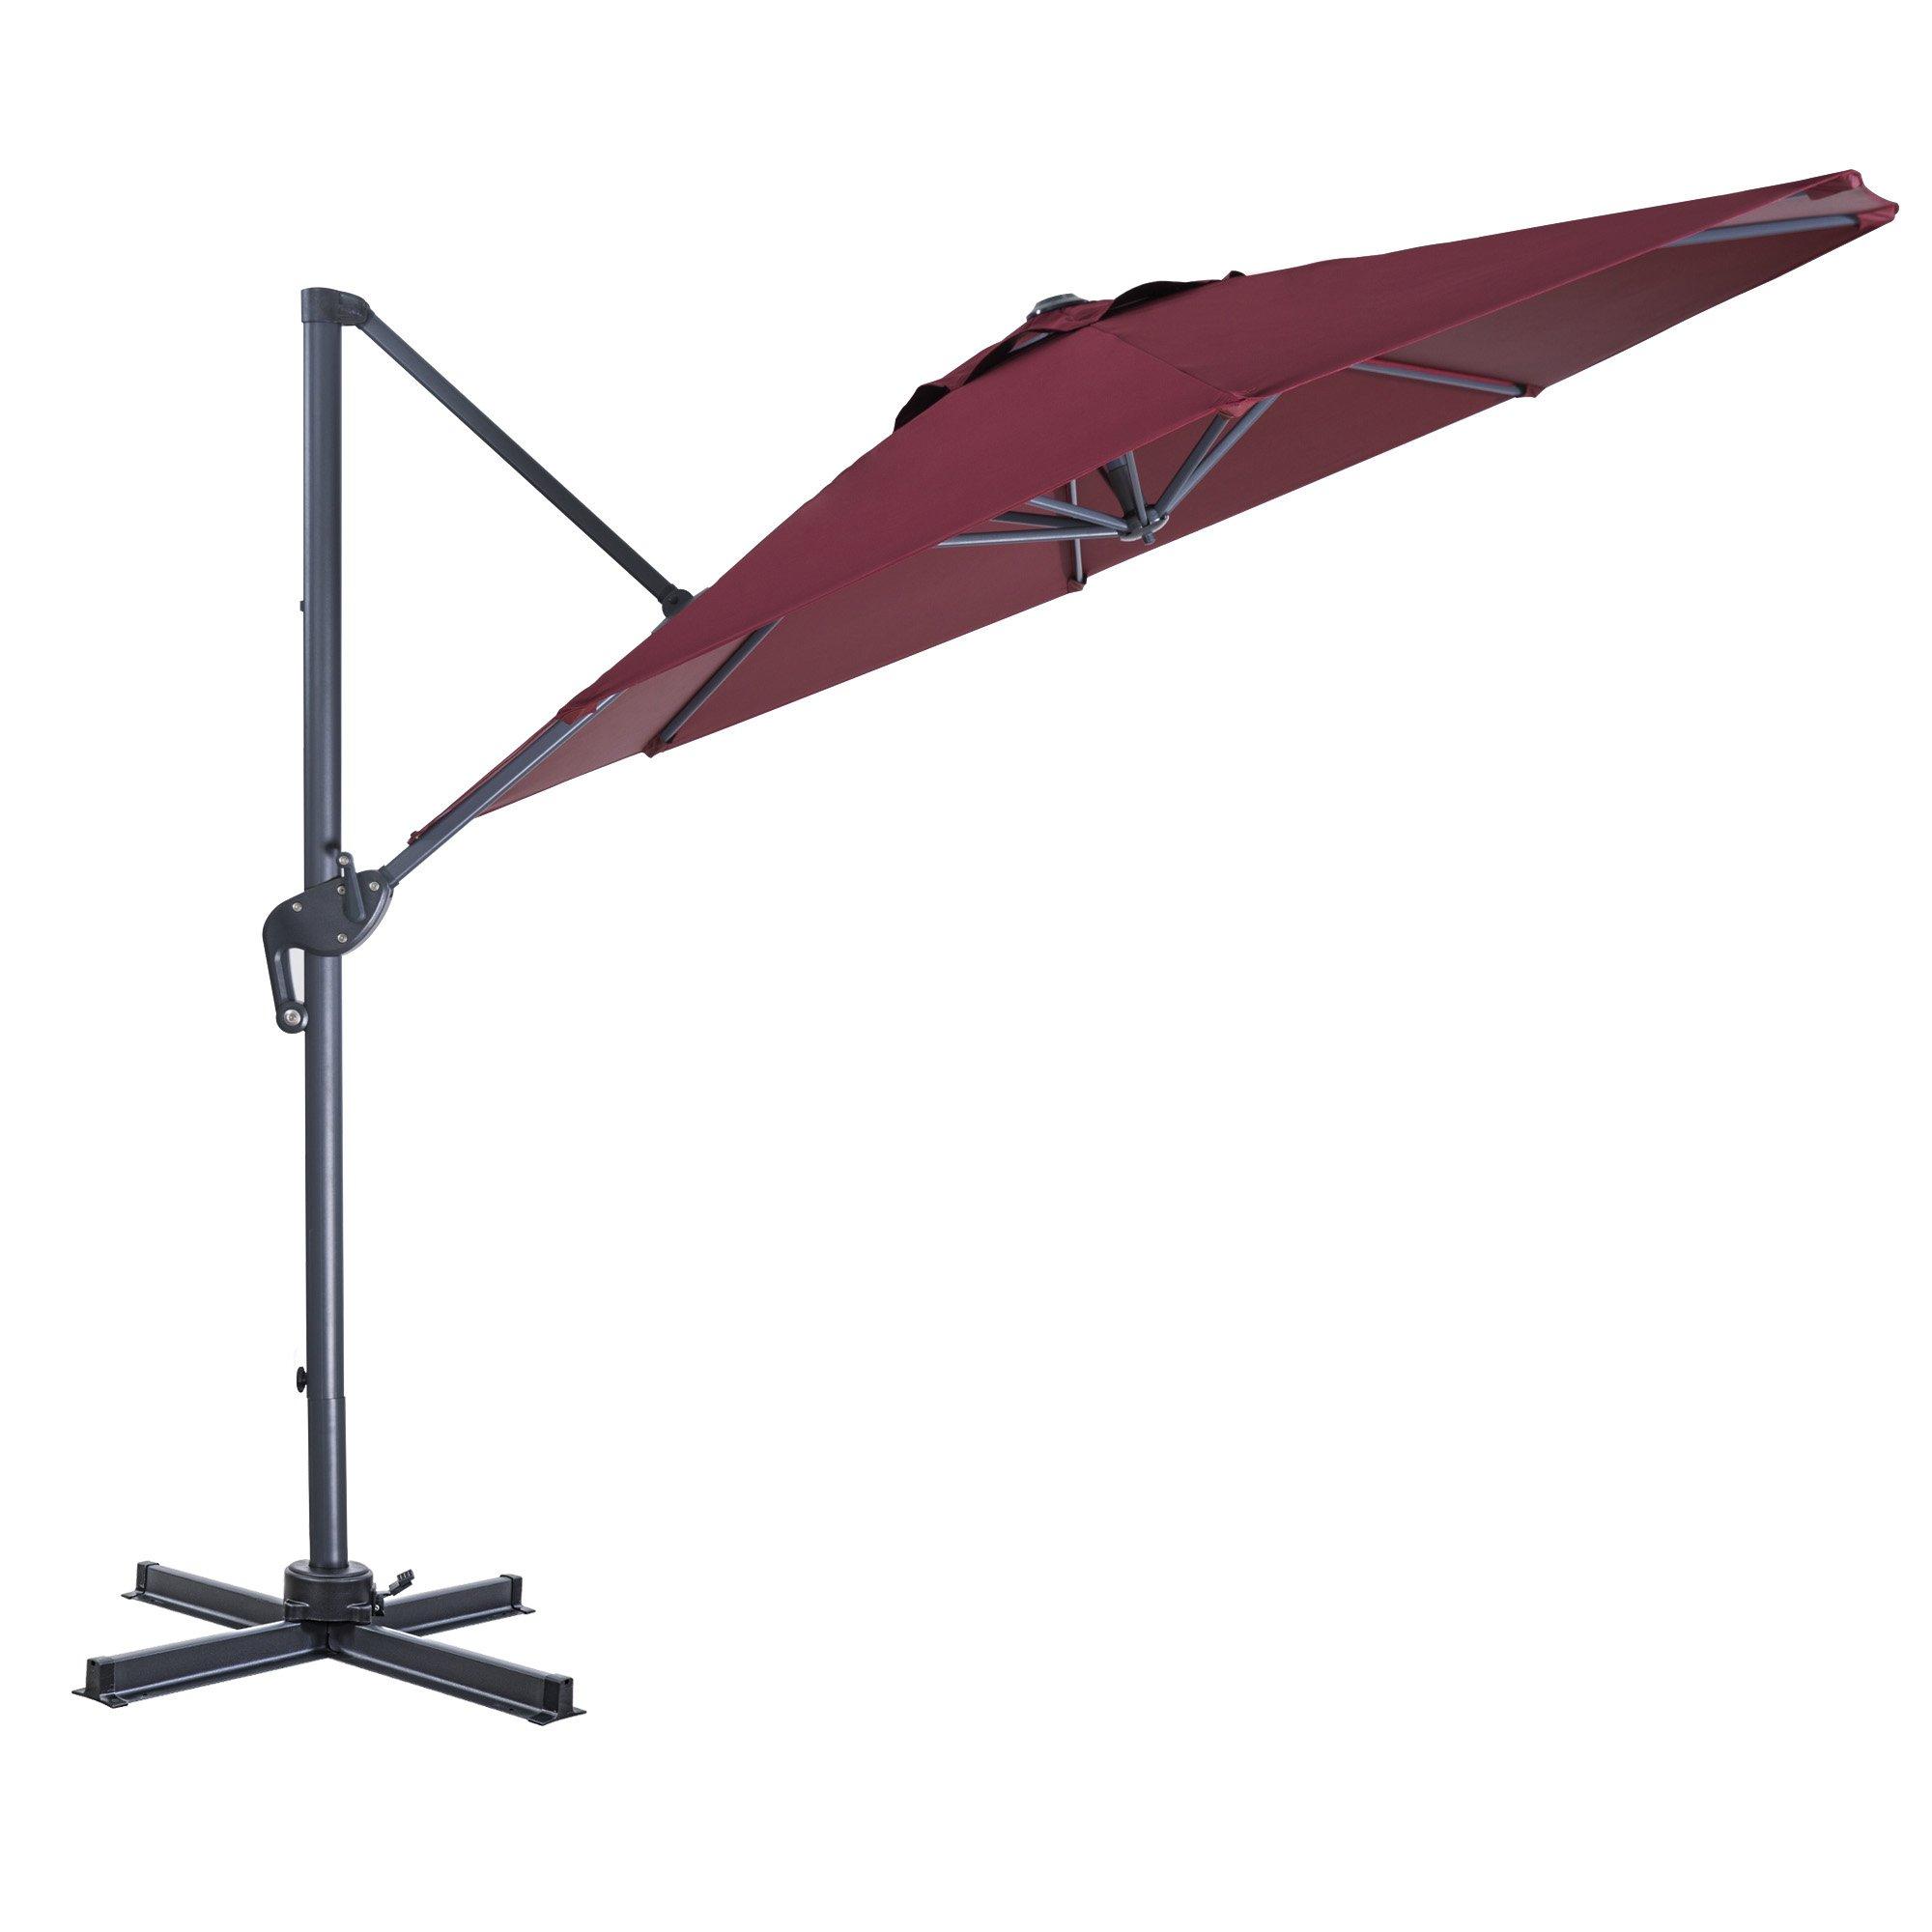 d6dfef21cf FurniTure Hanging Umbrella 10' Patio Umbrella Outdoor Cantilever ...